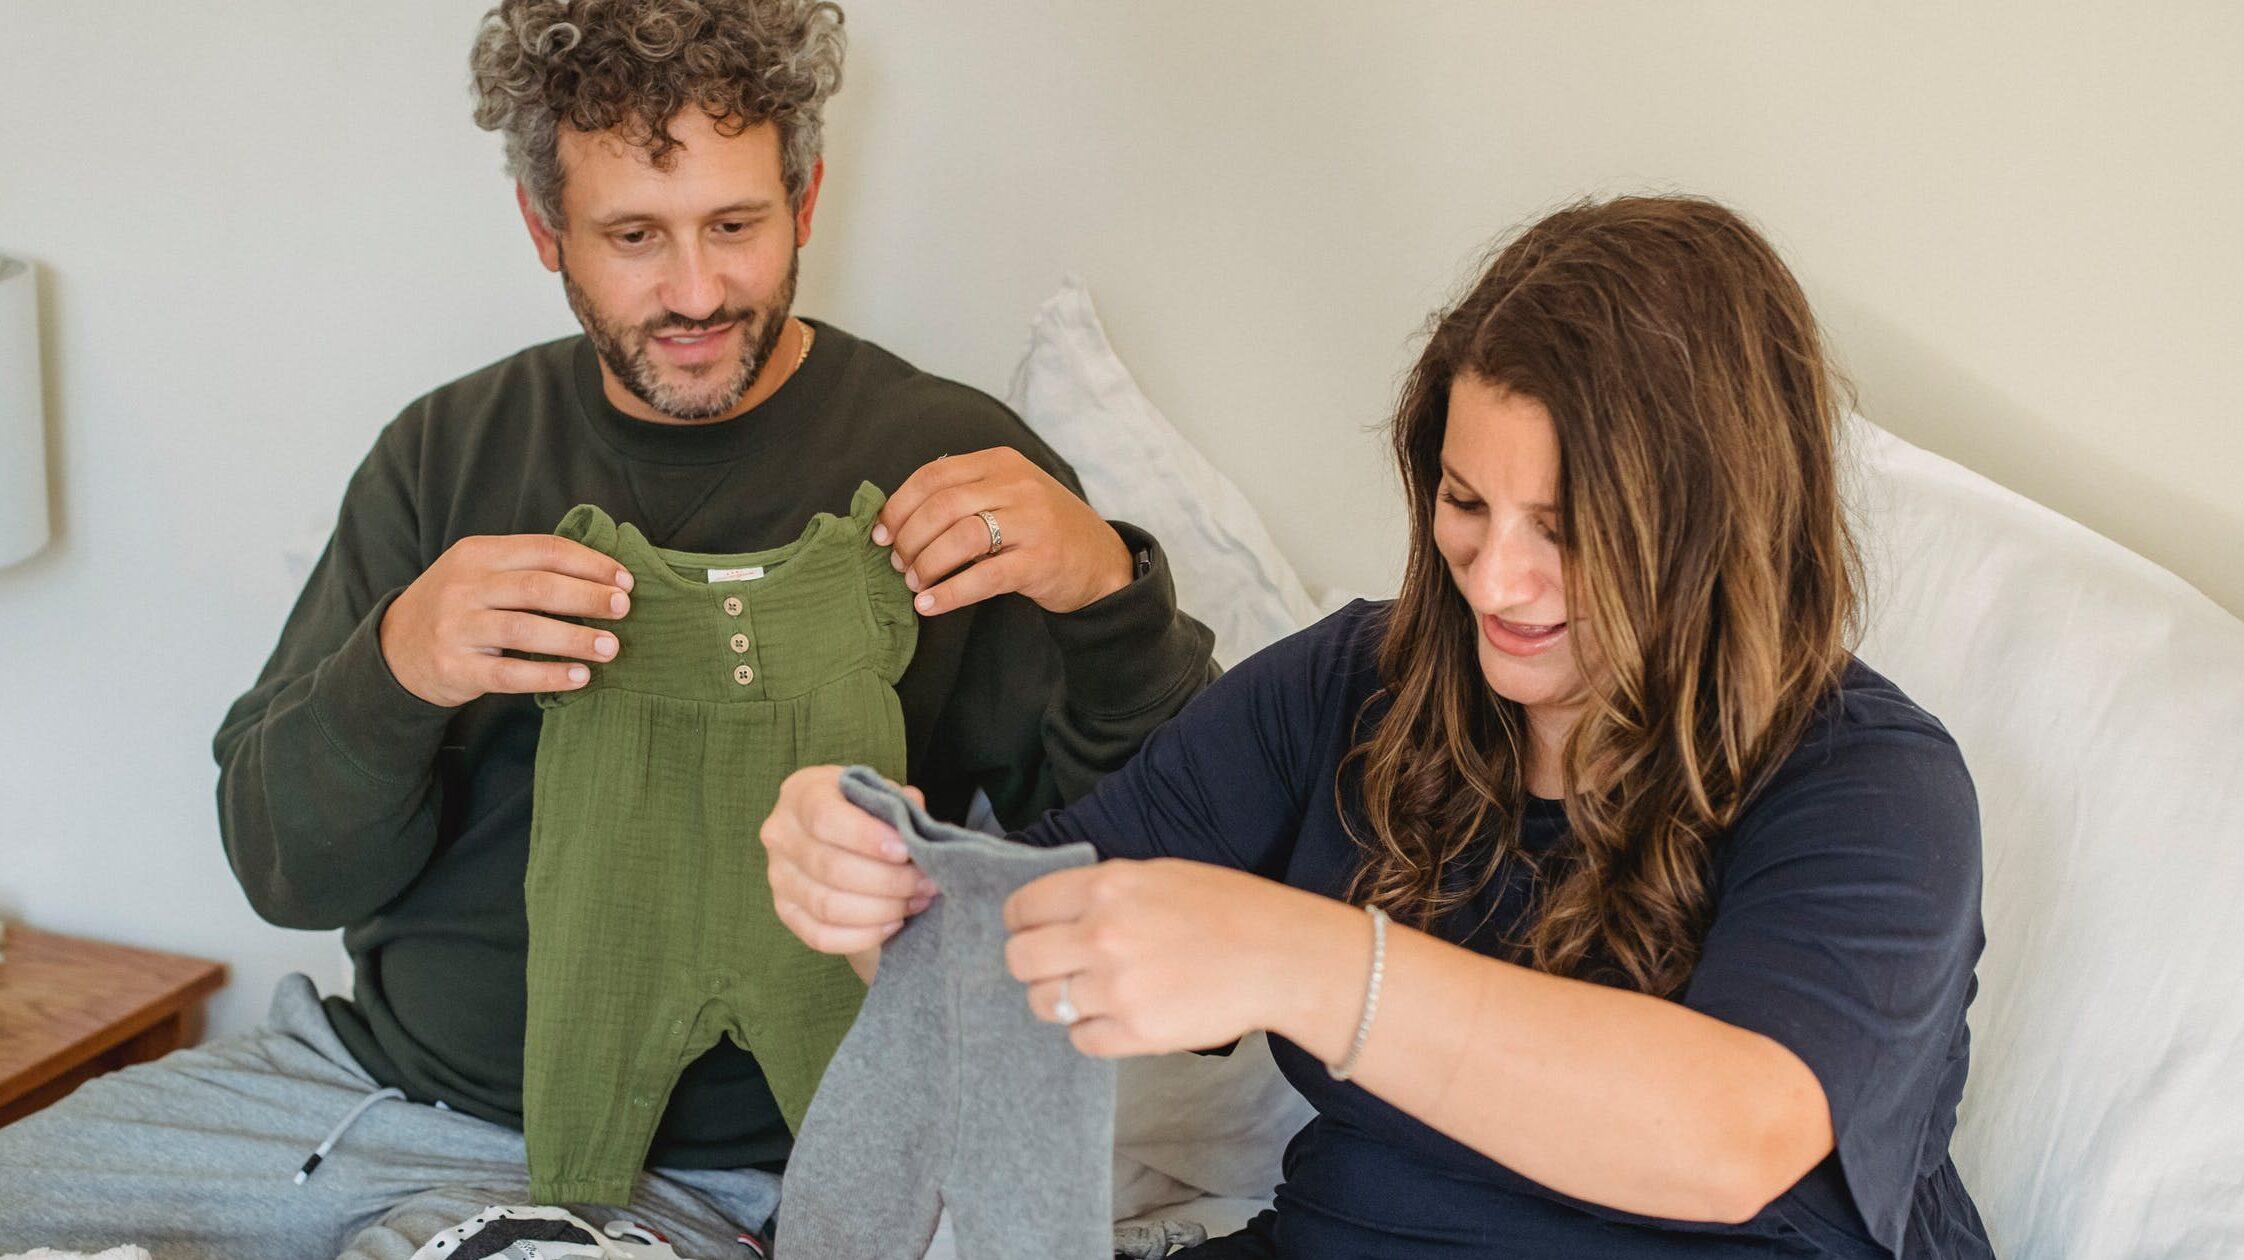 妻の妊娠中に夫が考えていることと夫ができることのイメージ画像1